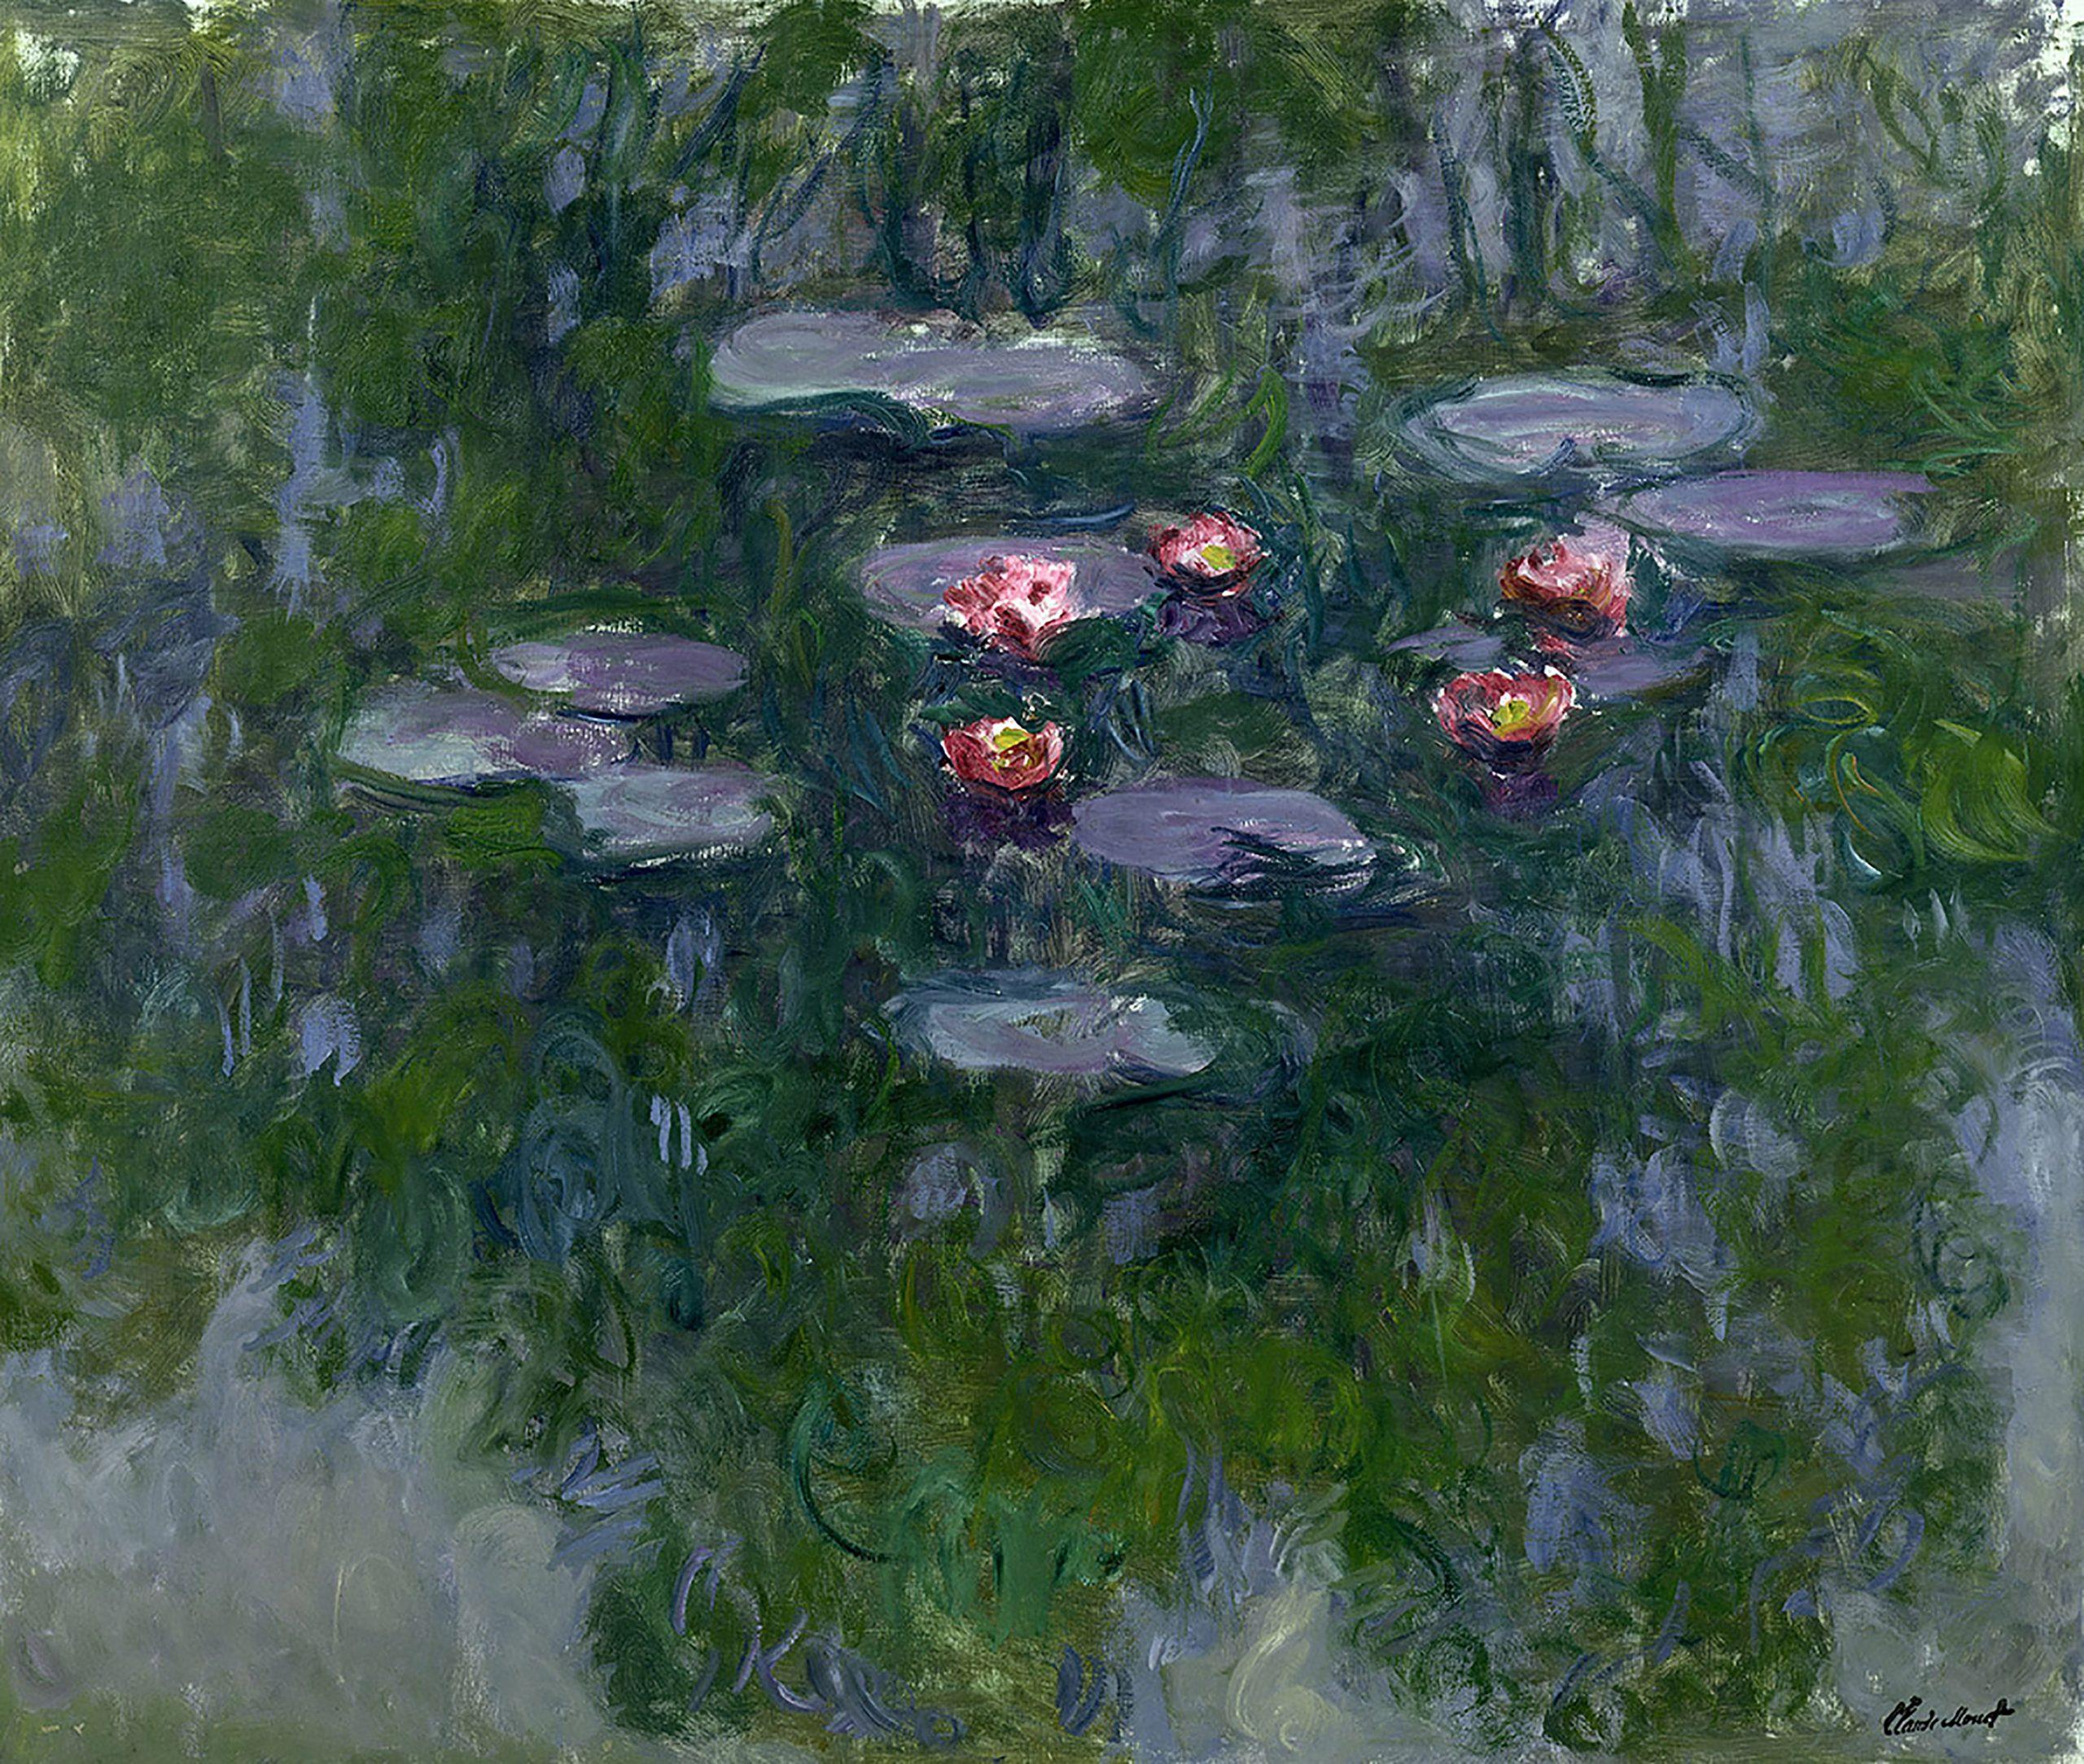 Claude Monet, Nymphéas, vers 1916-1919, Huile sur toile, 130x152 cm, Paris, musée Marmottan Monet, legs Michel Monet, 1966, Inv. 5098, © Musée Marmottan Monet, Académie des beaux-arts, Paris